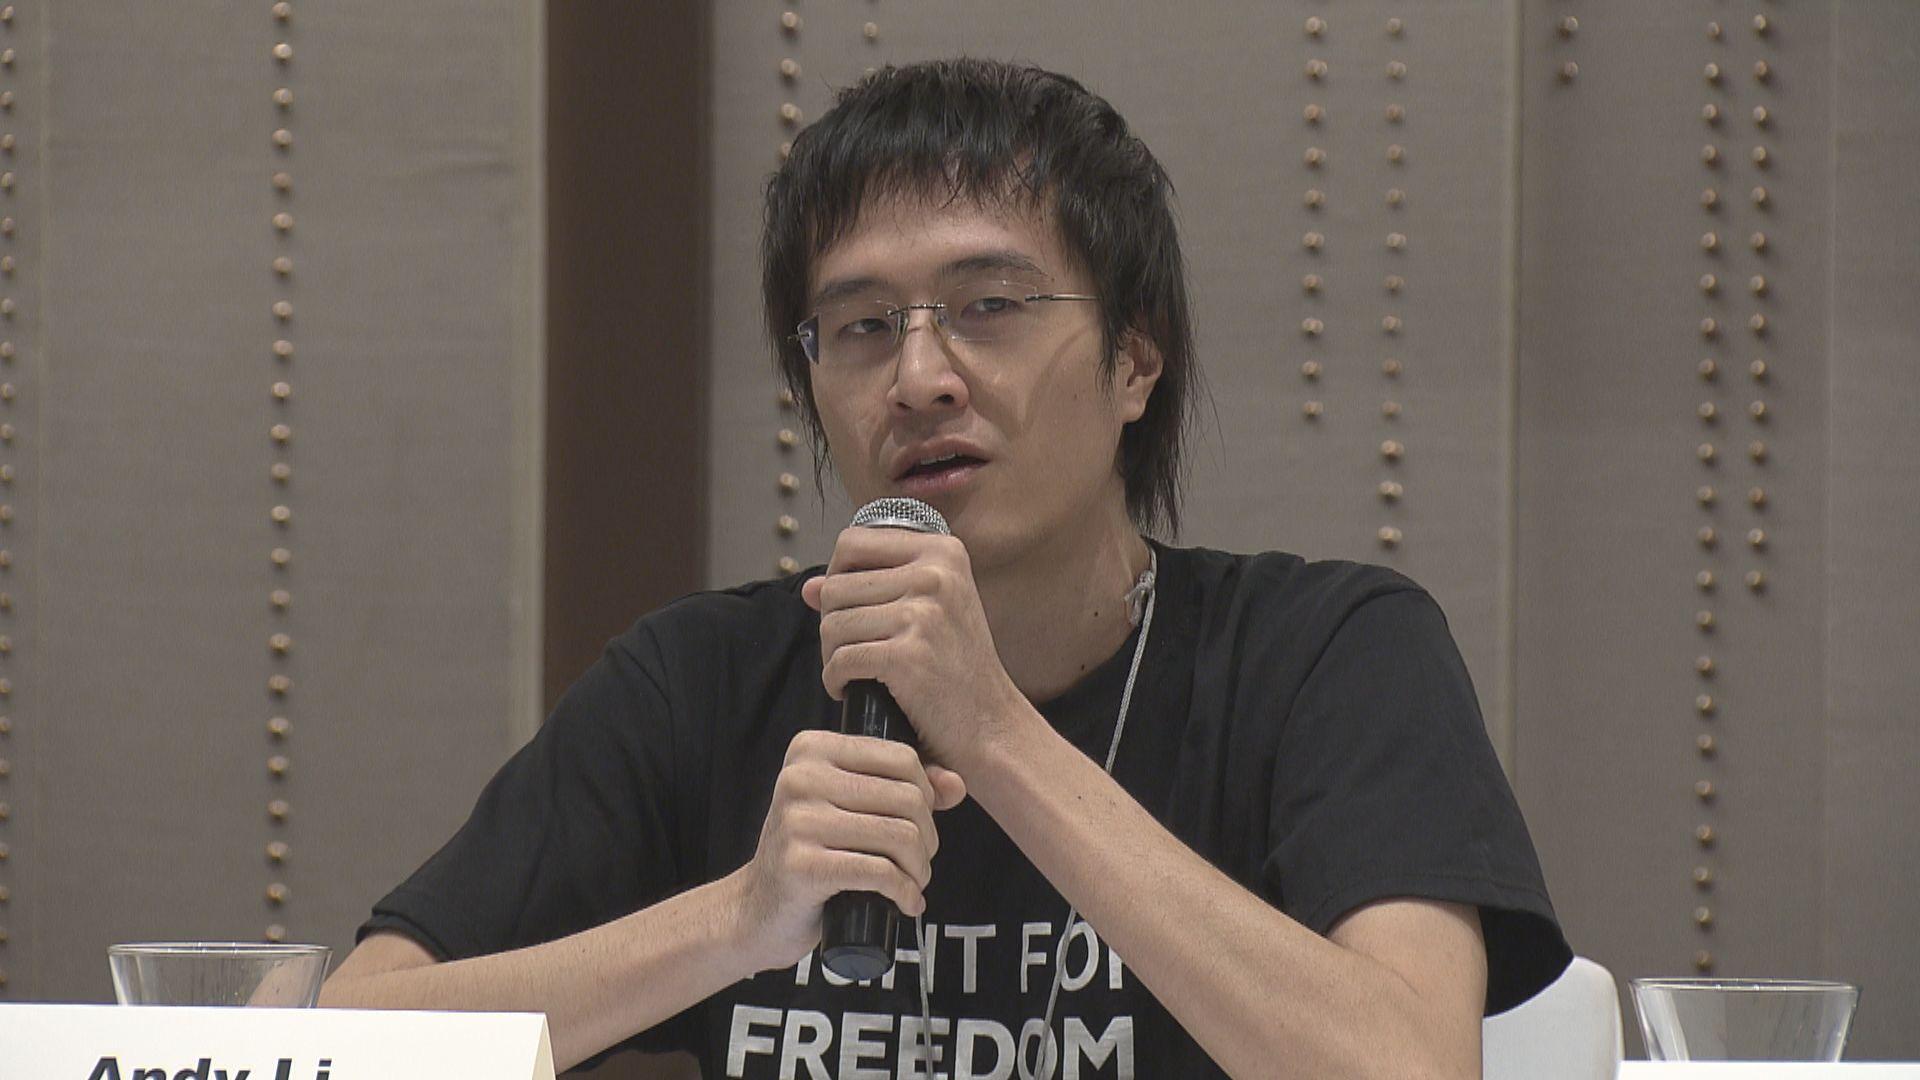 李宇軒承認串謀勾結外國勢力危害國家安全罪